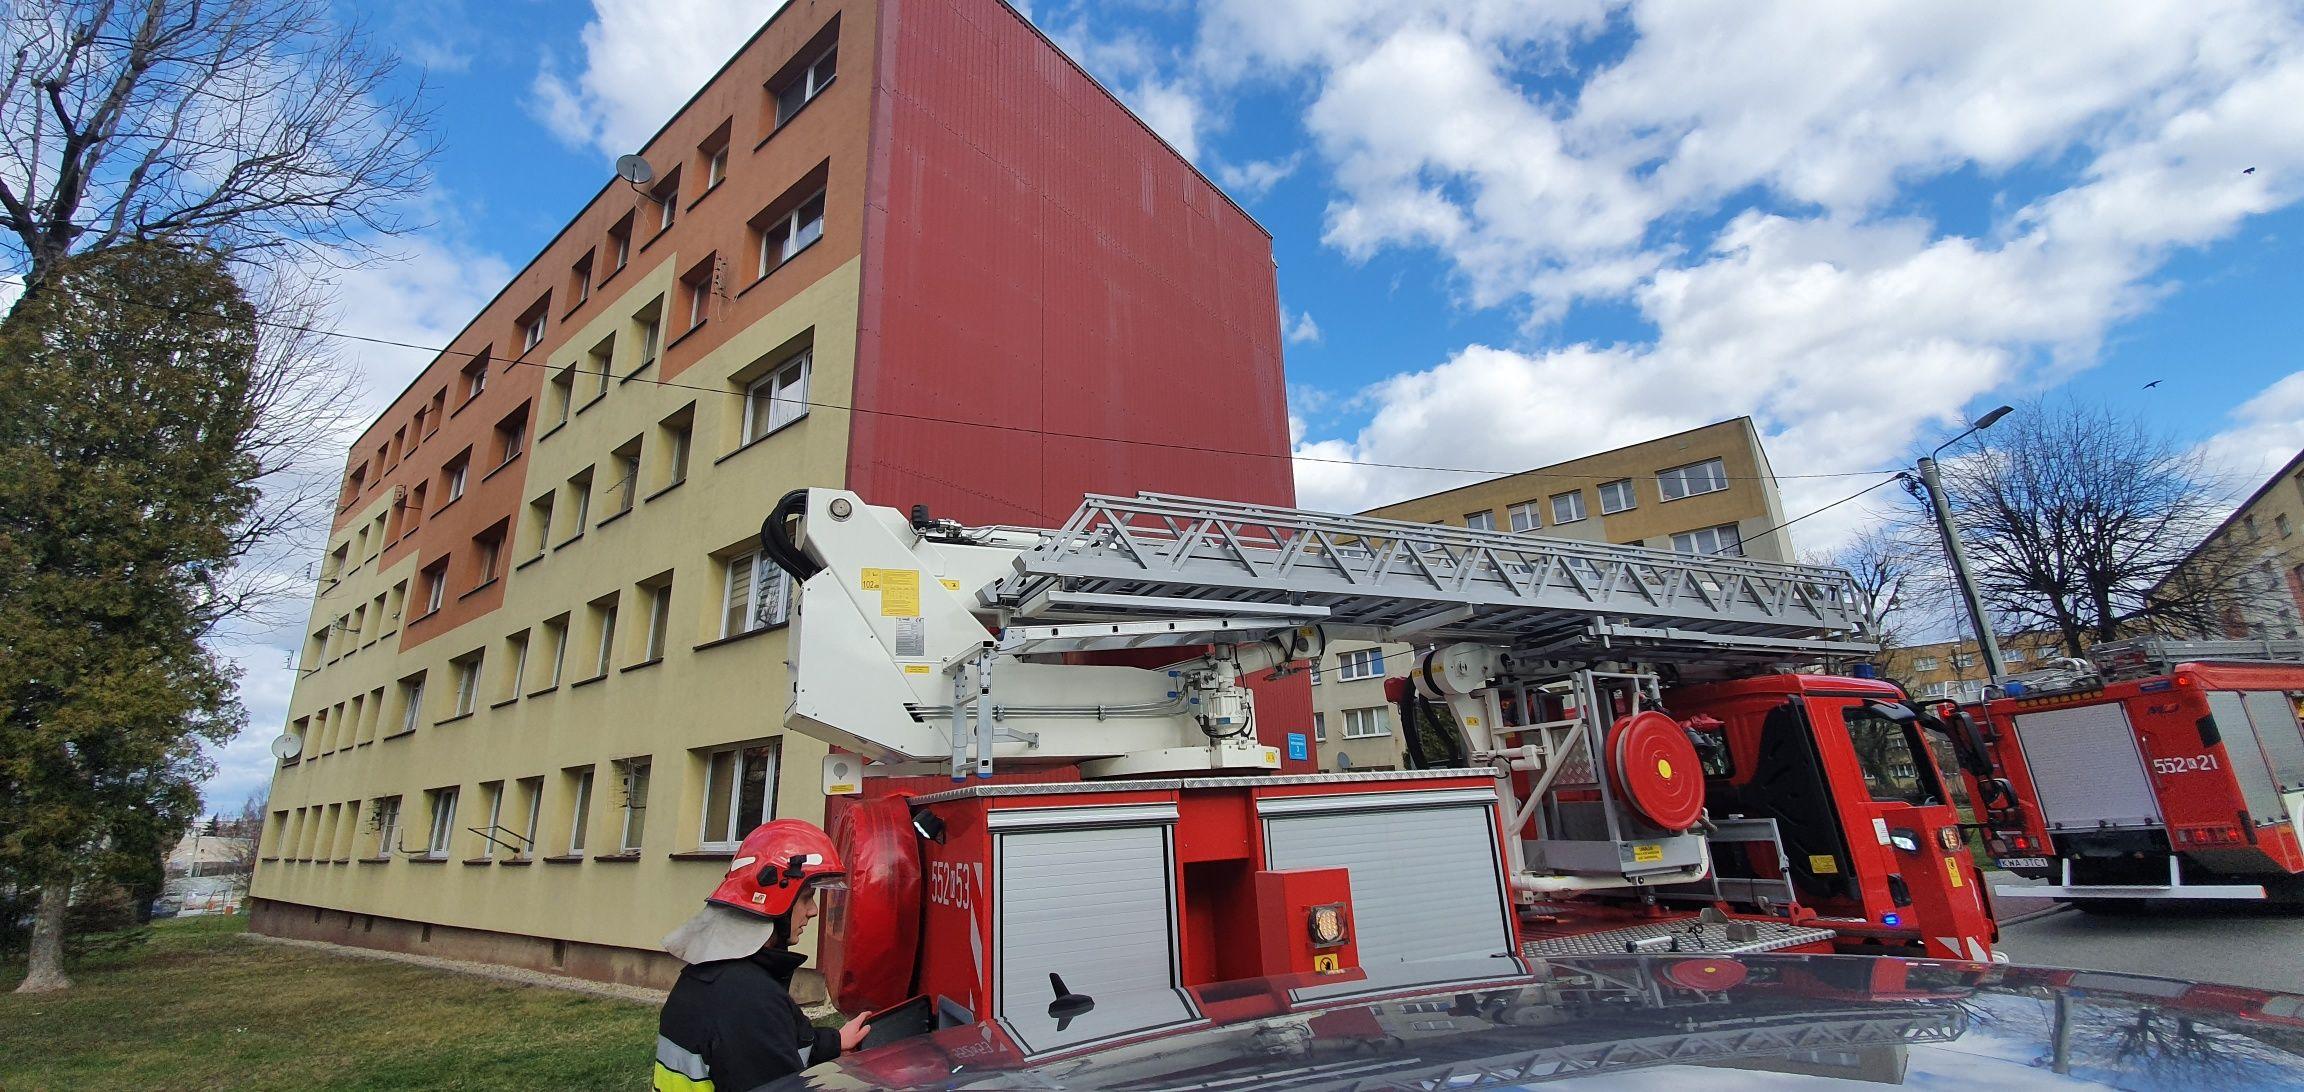 Znowu silny wiatr, strażacy interweniują